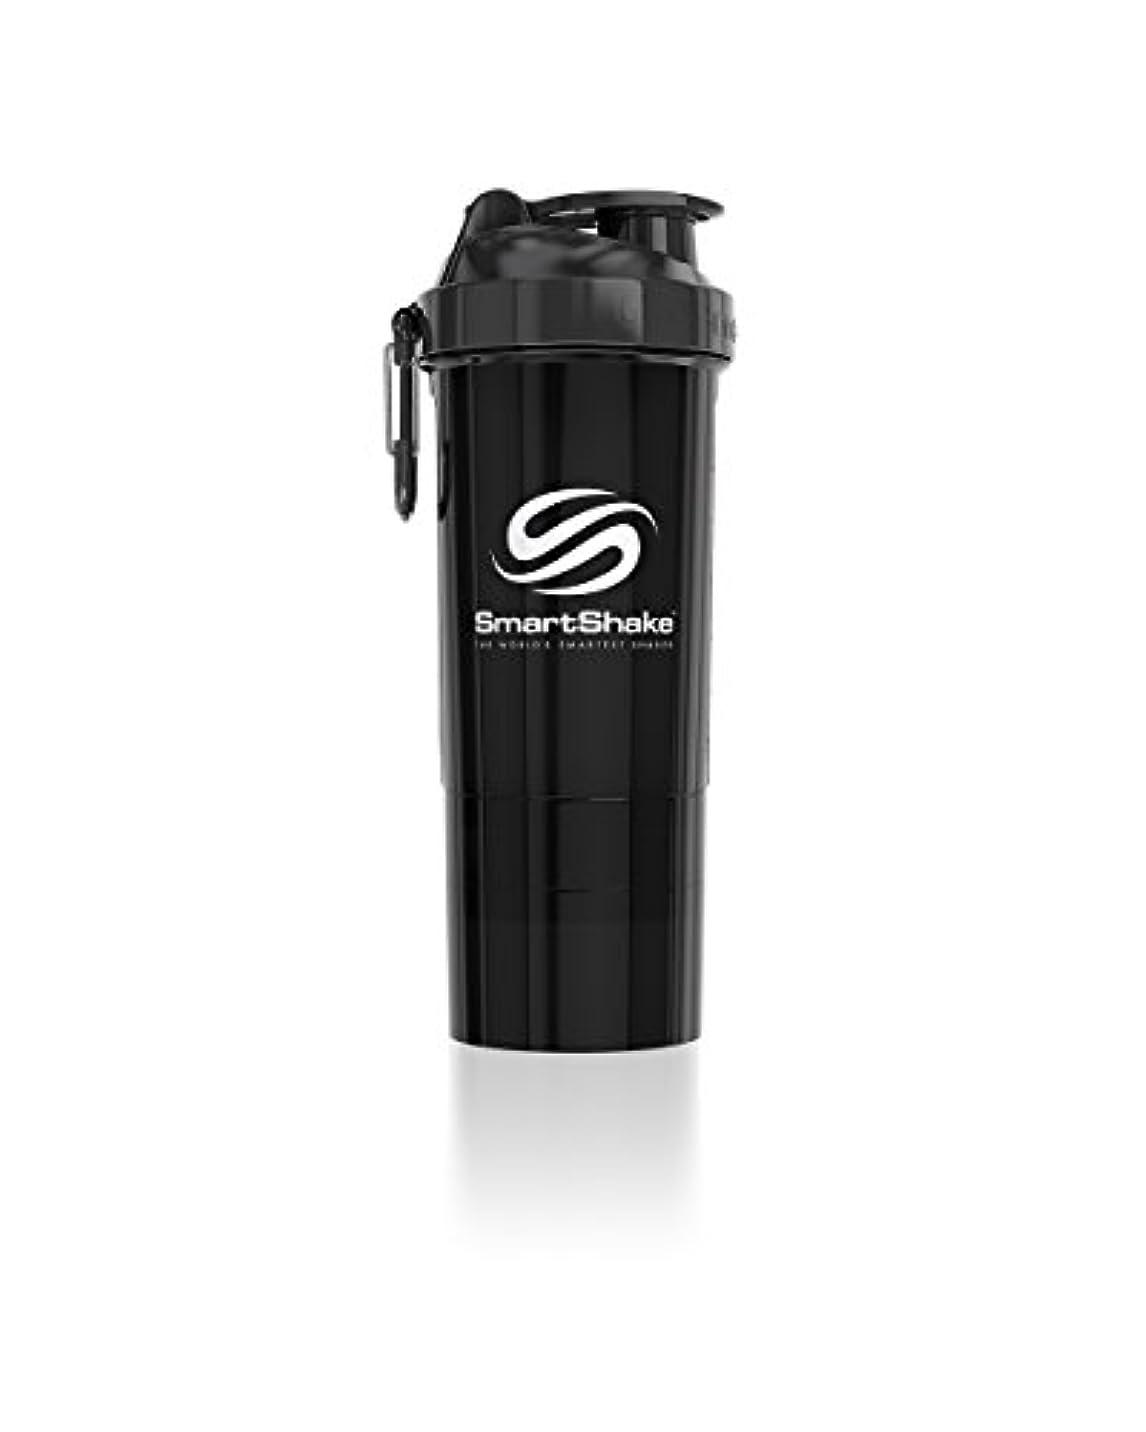 ベーカリー看板昼食Smartshake オリジナル 2Go ボトル 27 oz 10580301